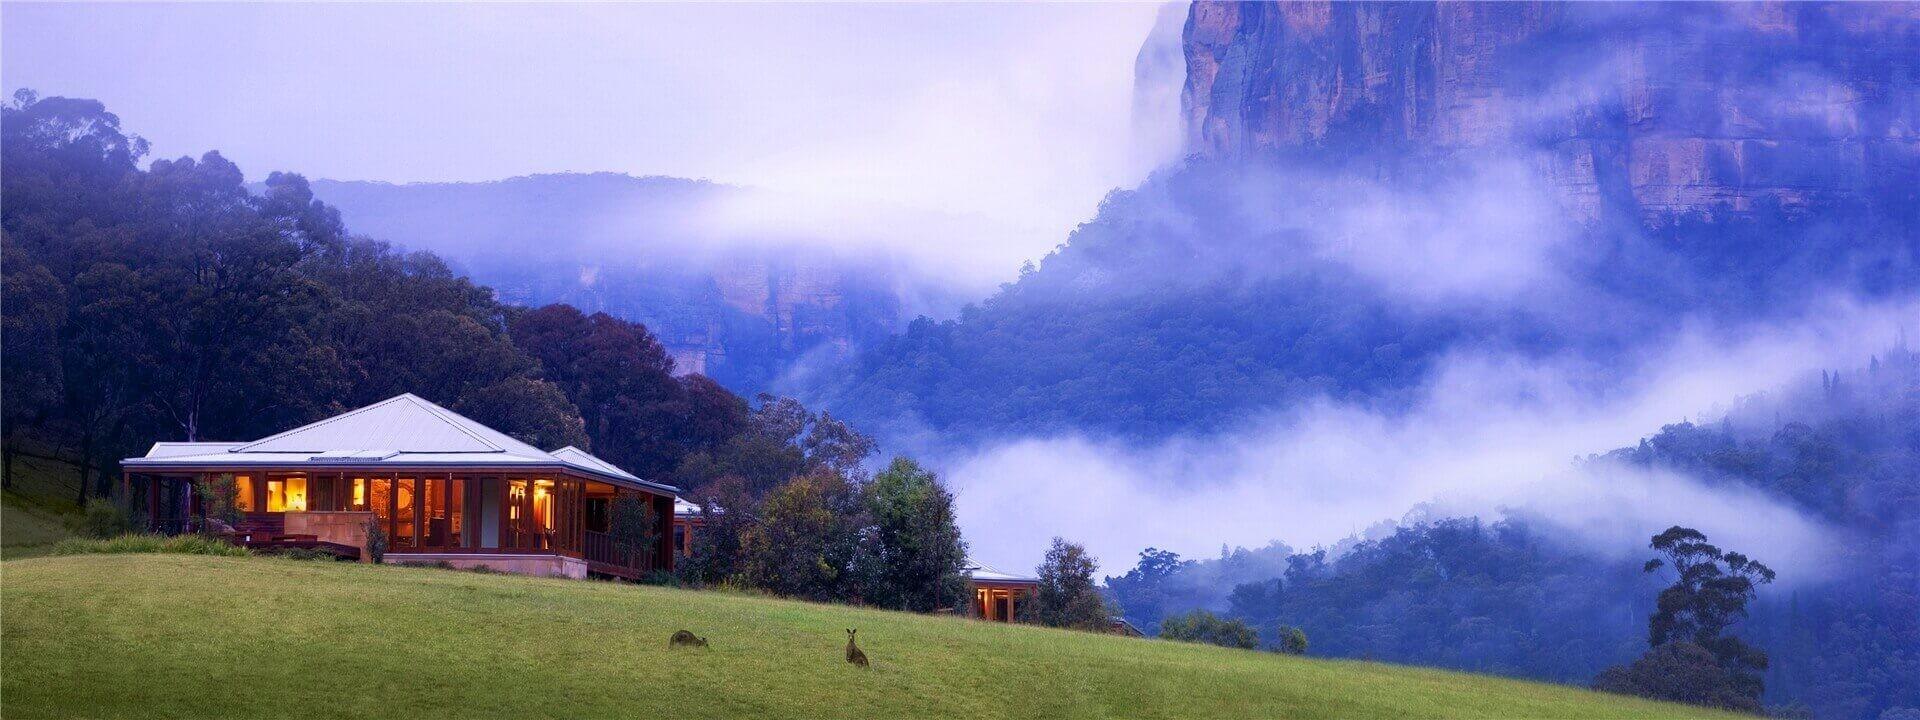 悉尼,沃根谷-怀旧别墅拥抱自然,体验澳洲最纯净的生活